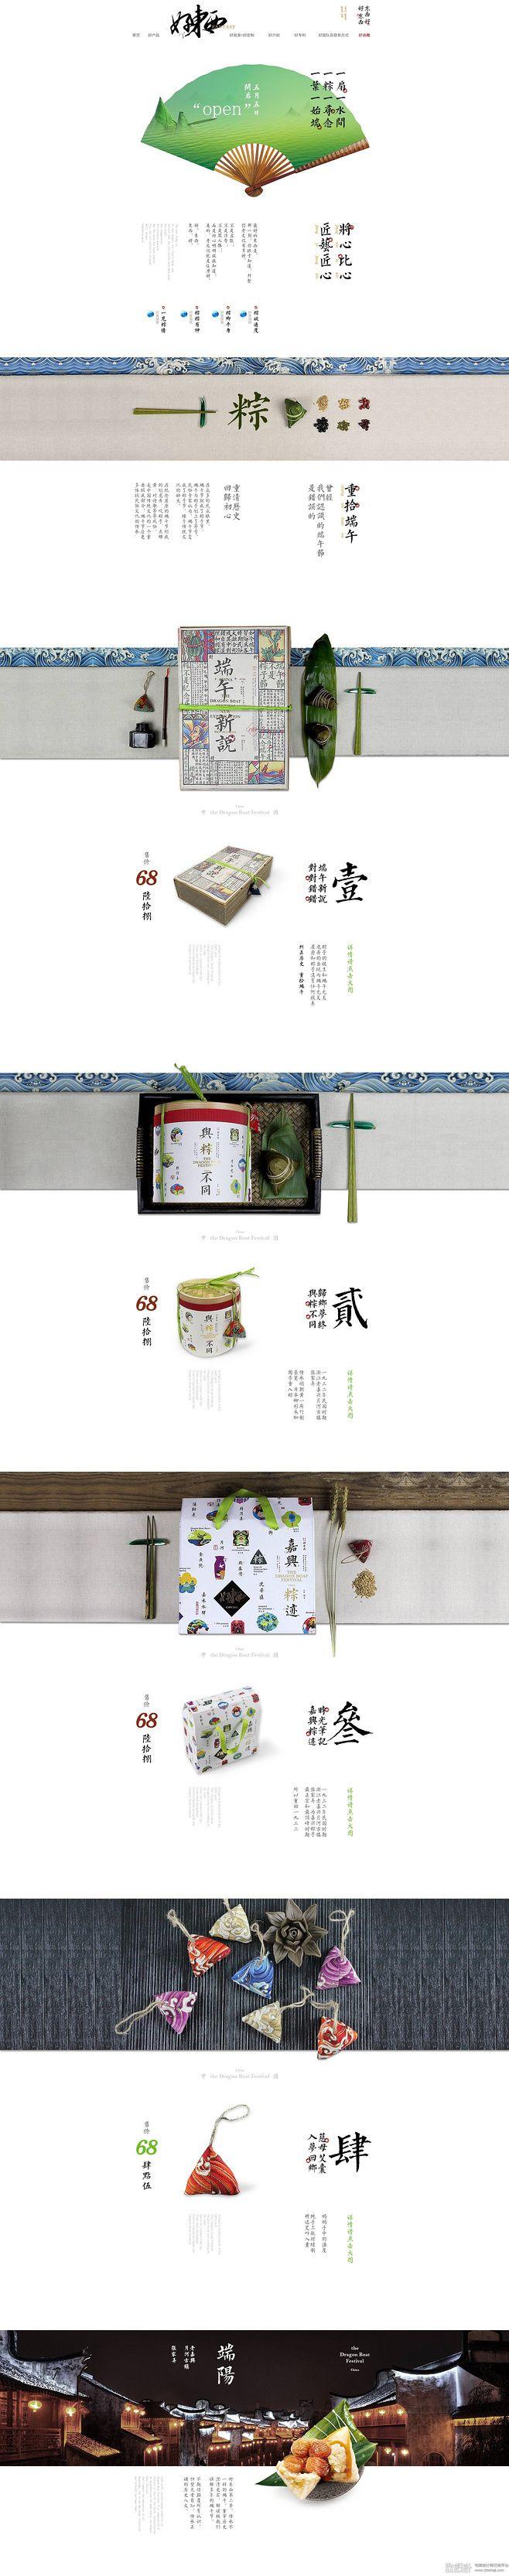 好东西-好粽子店铺首页整合,原创作品